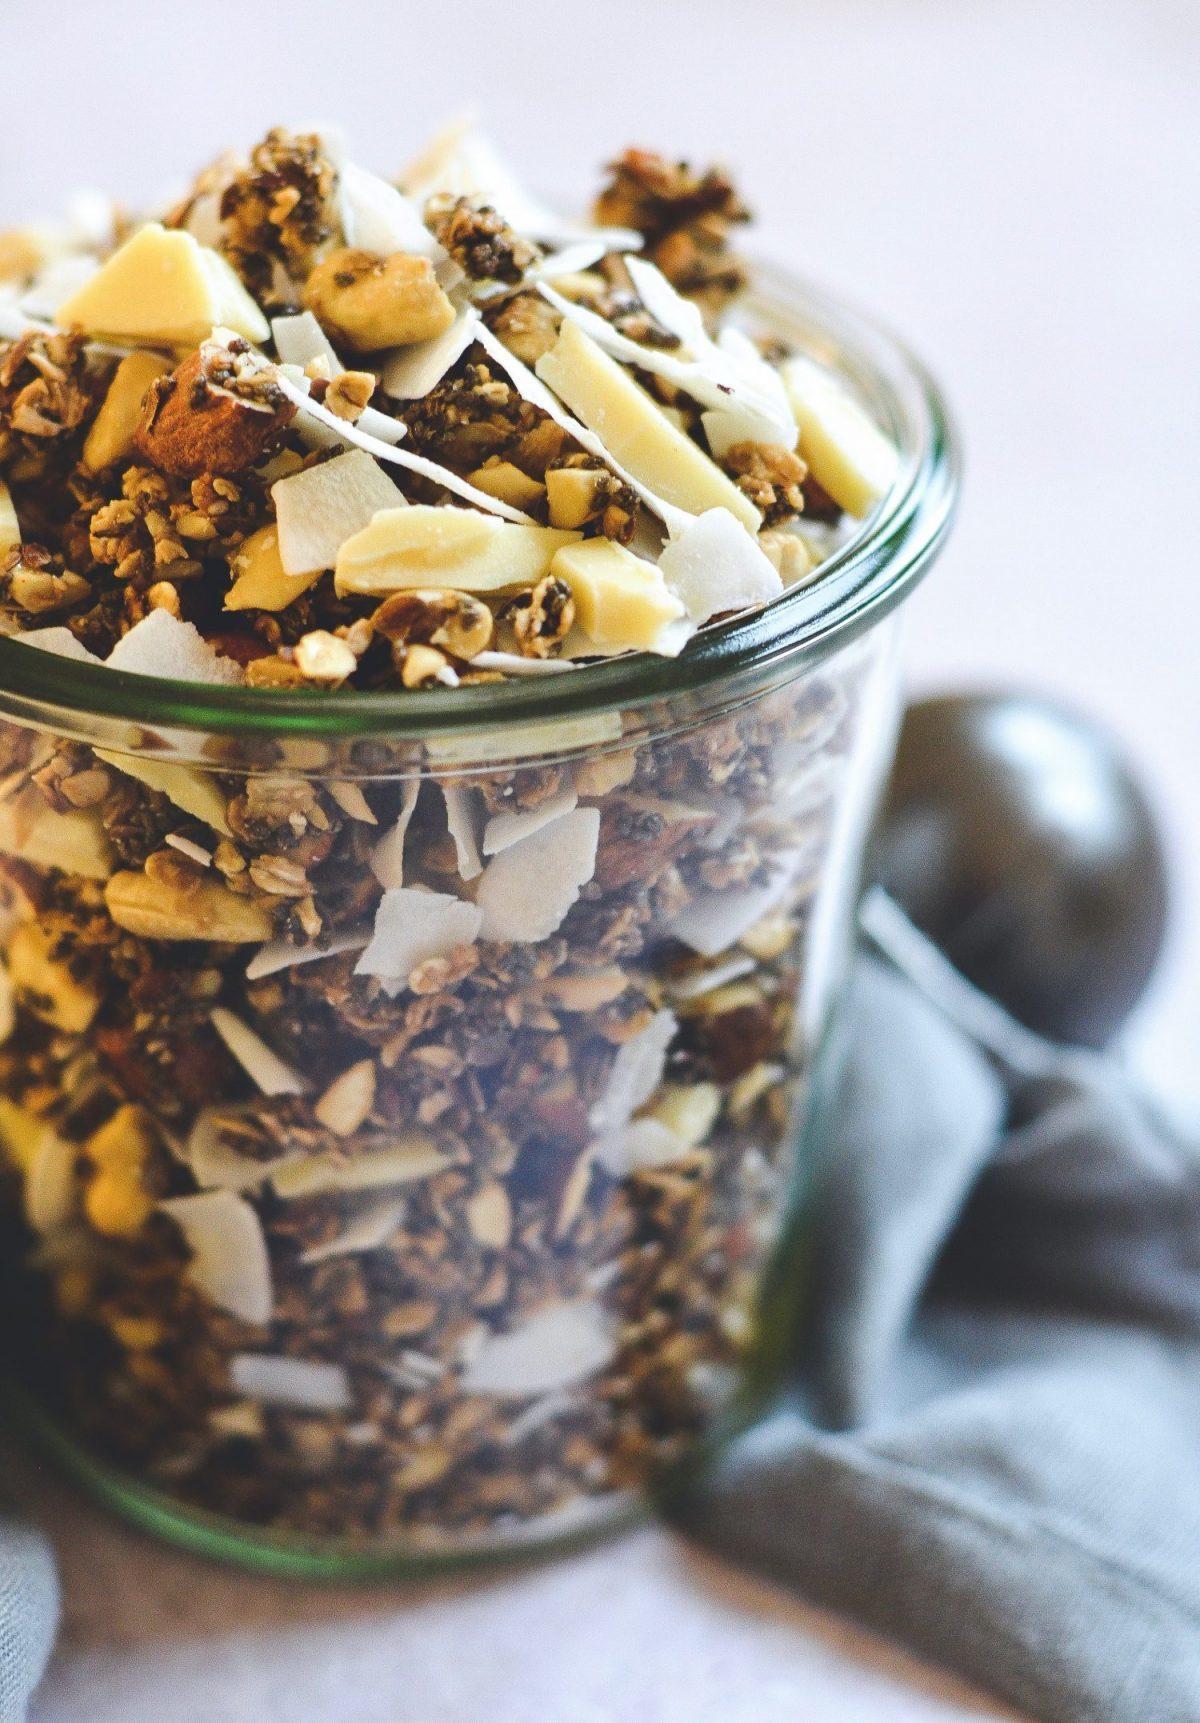 kaffe-granola-musli-med-et-strejf-af-nespresso-kaffe